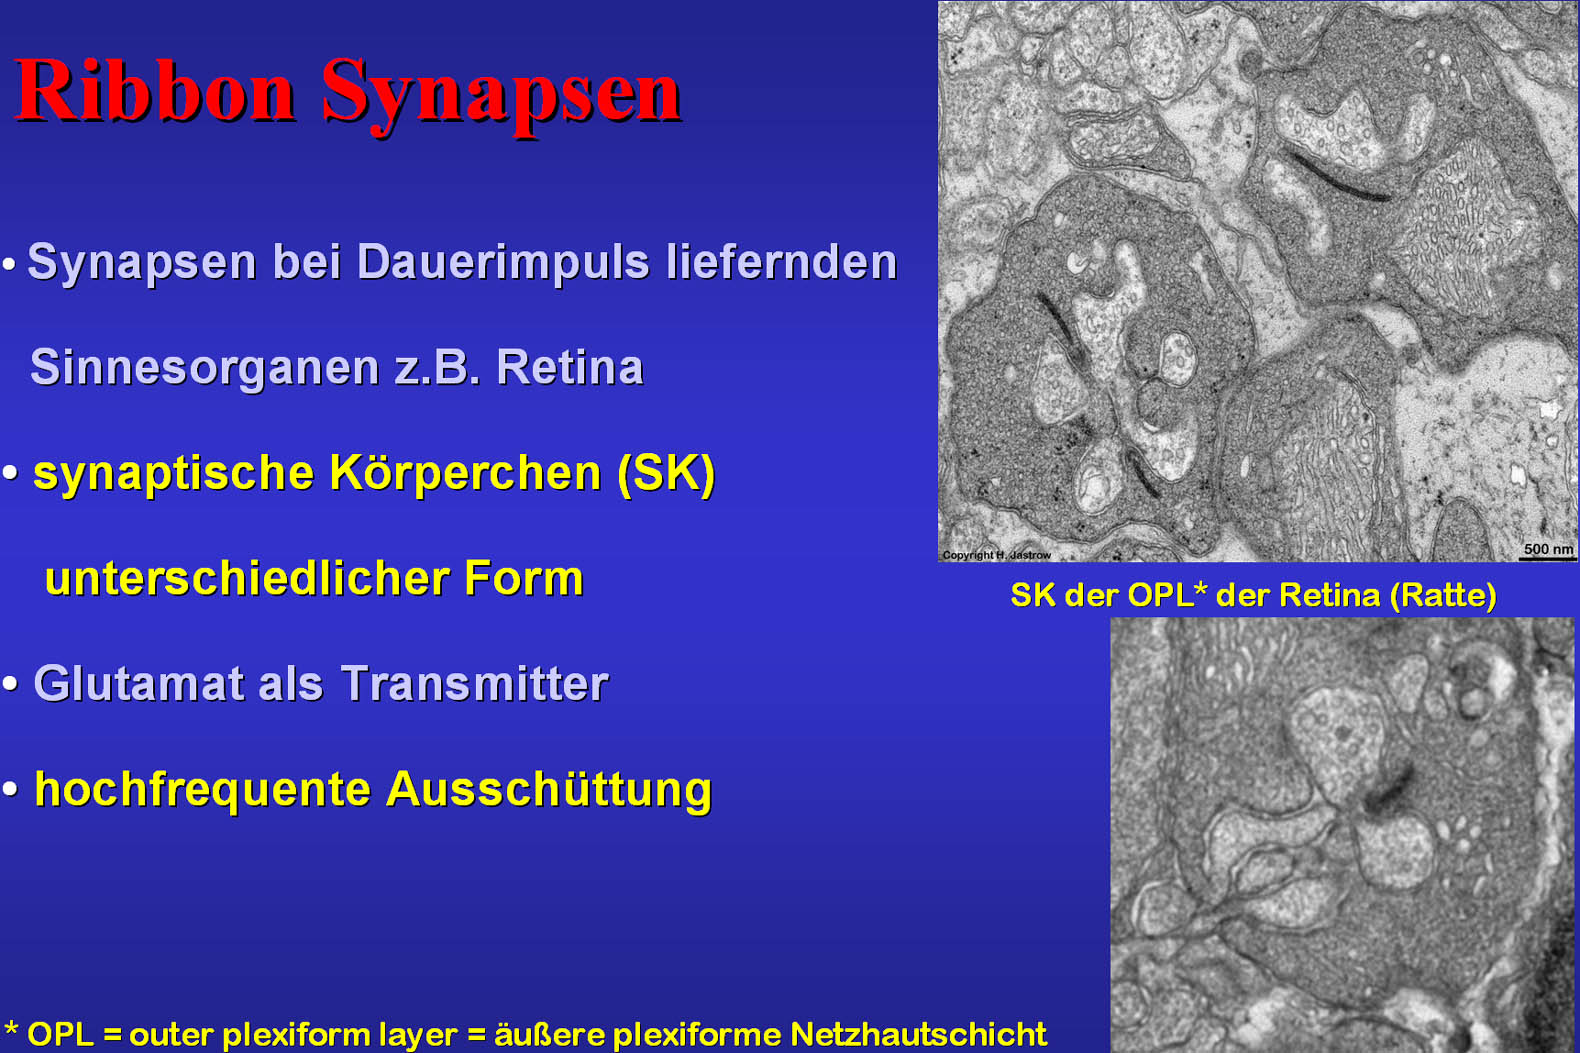 3D-Rekonstruktion synaptischer Körperchen der Retina